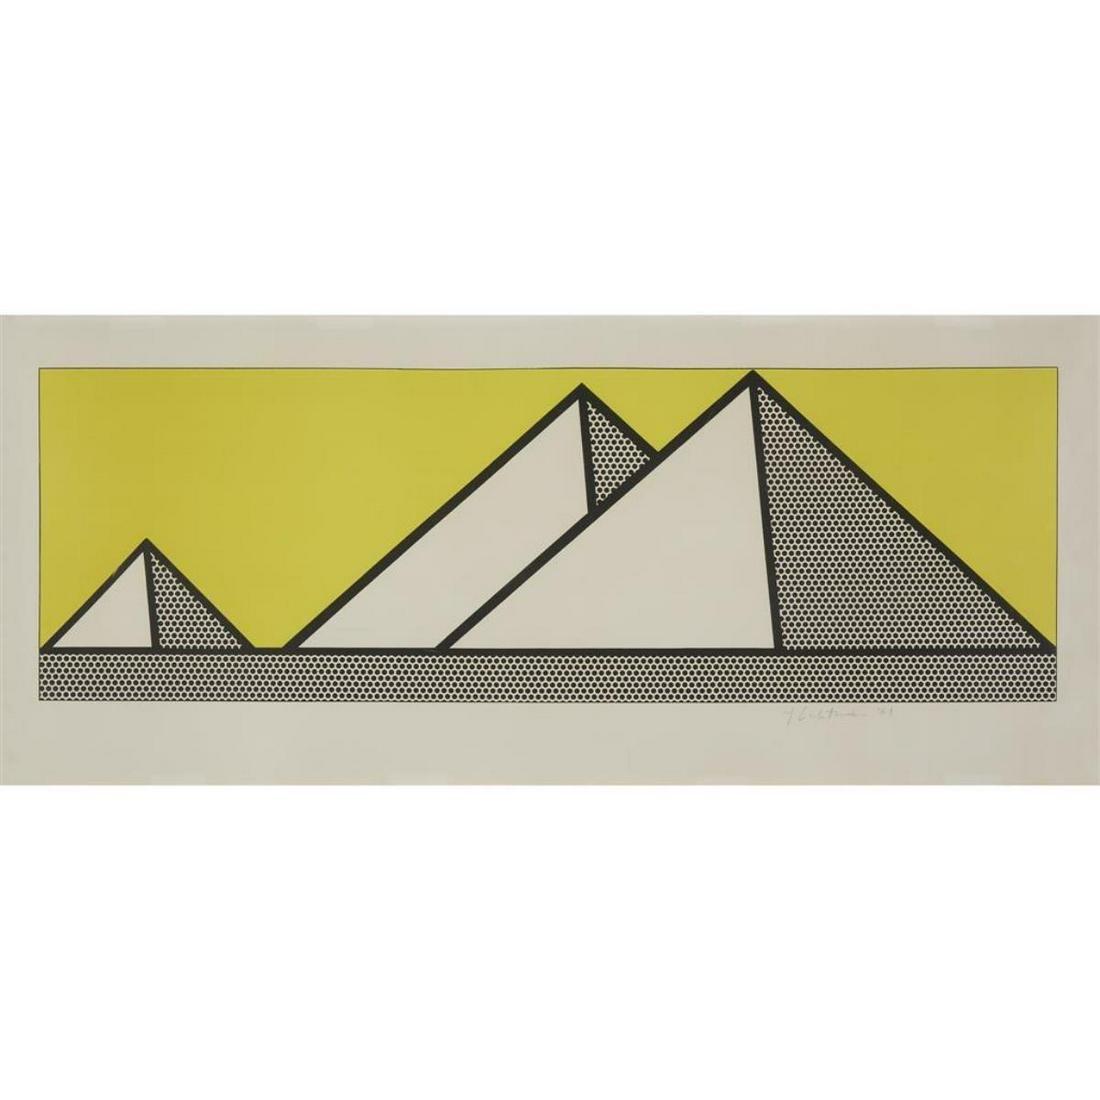 Roy Lichtenstein - Pyramids